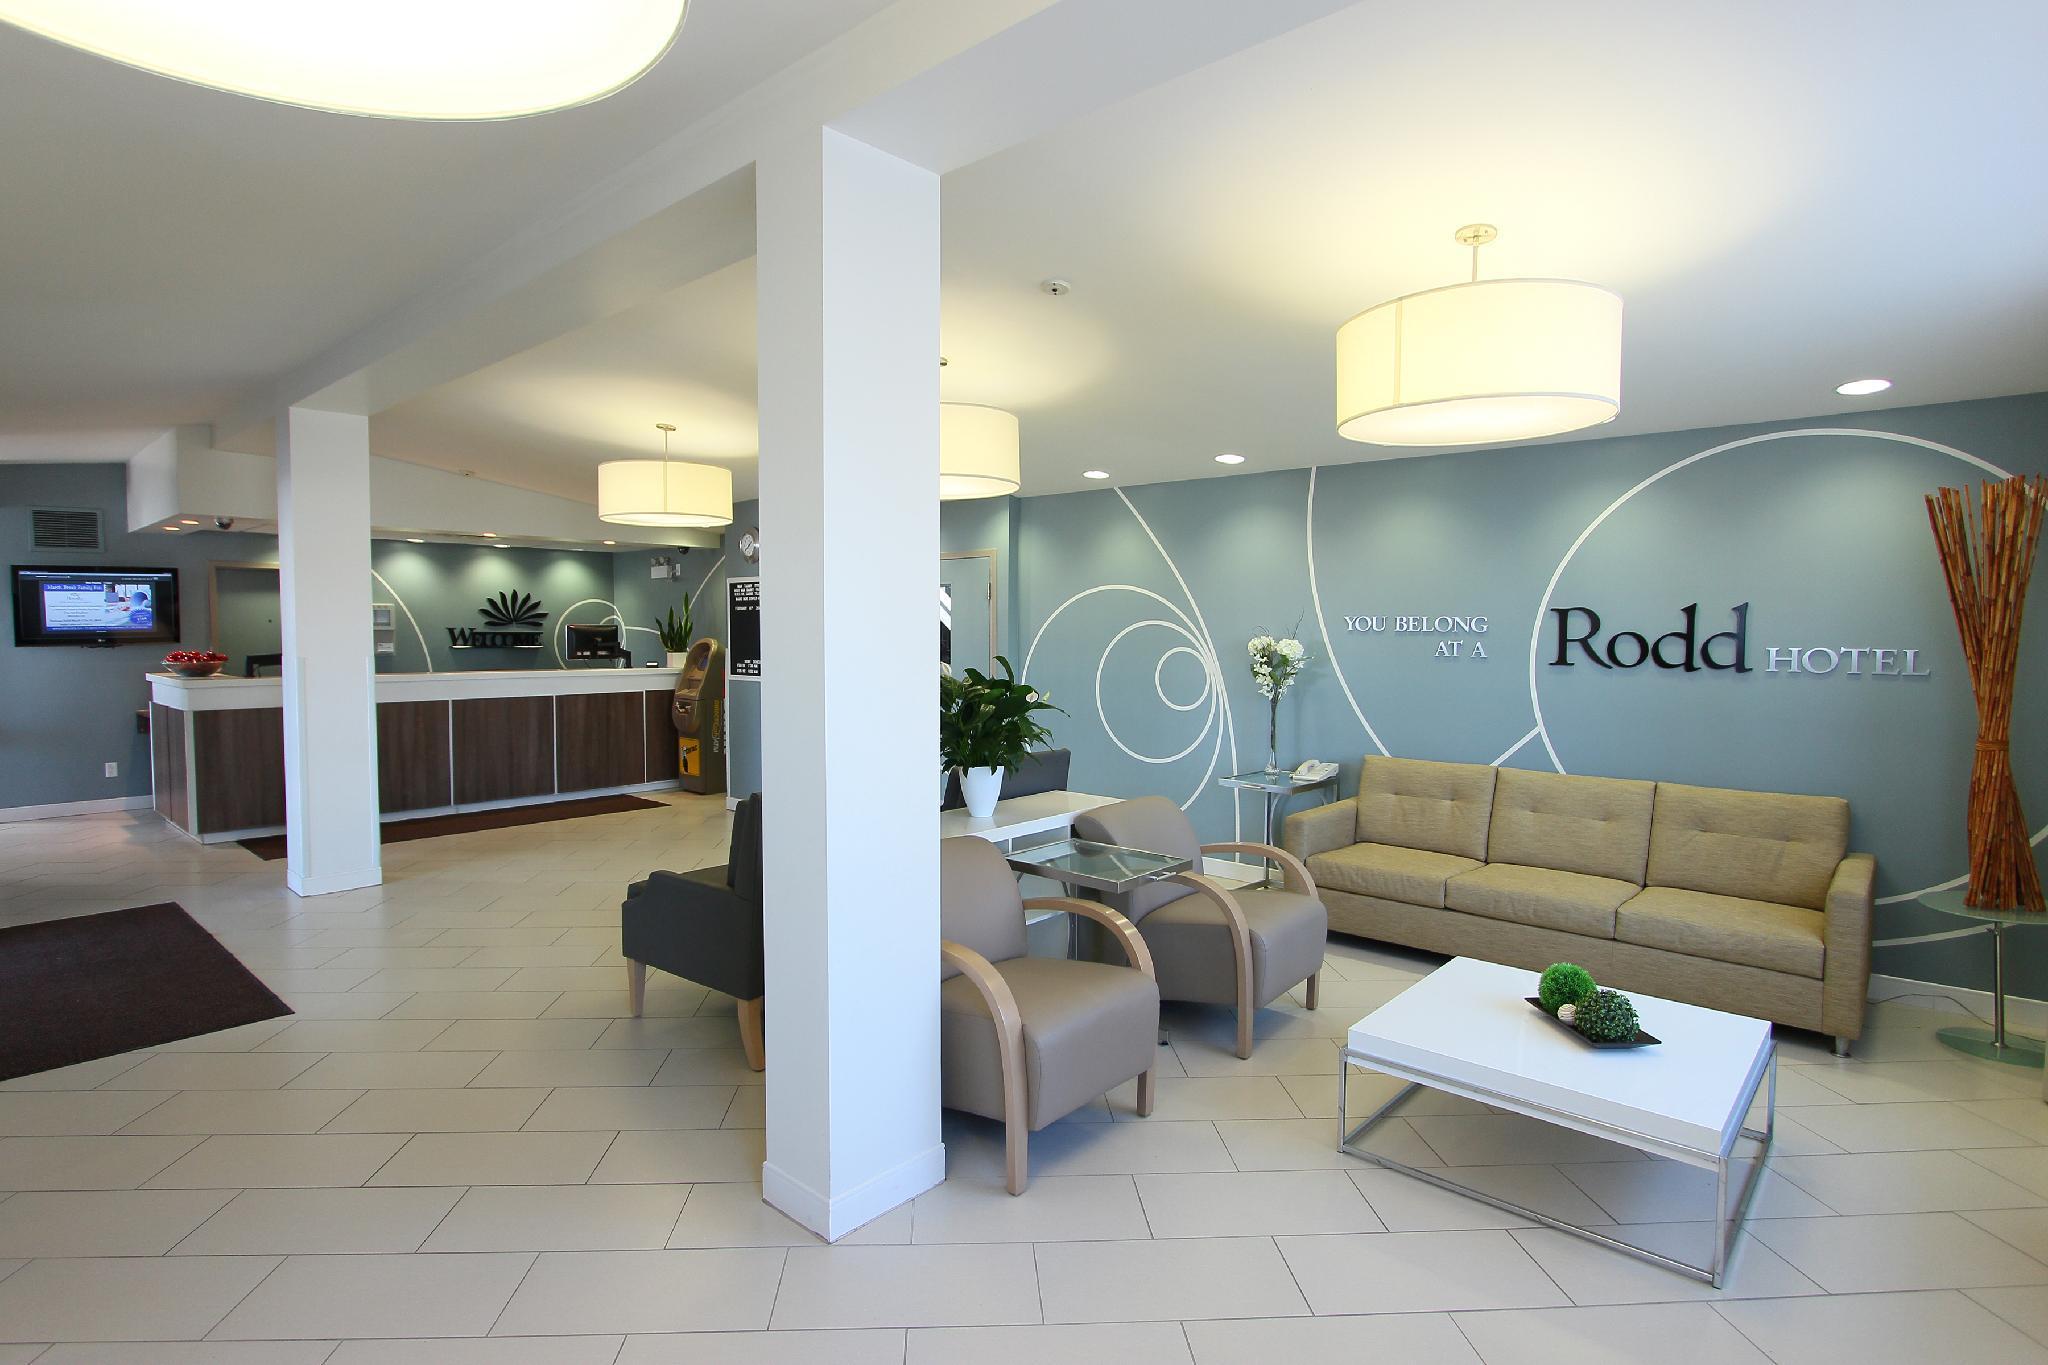 Rodd Moncton